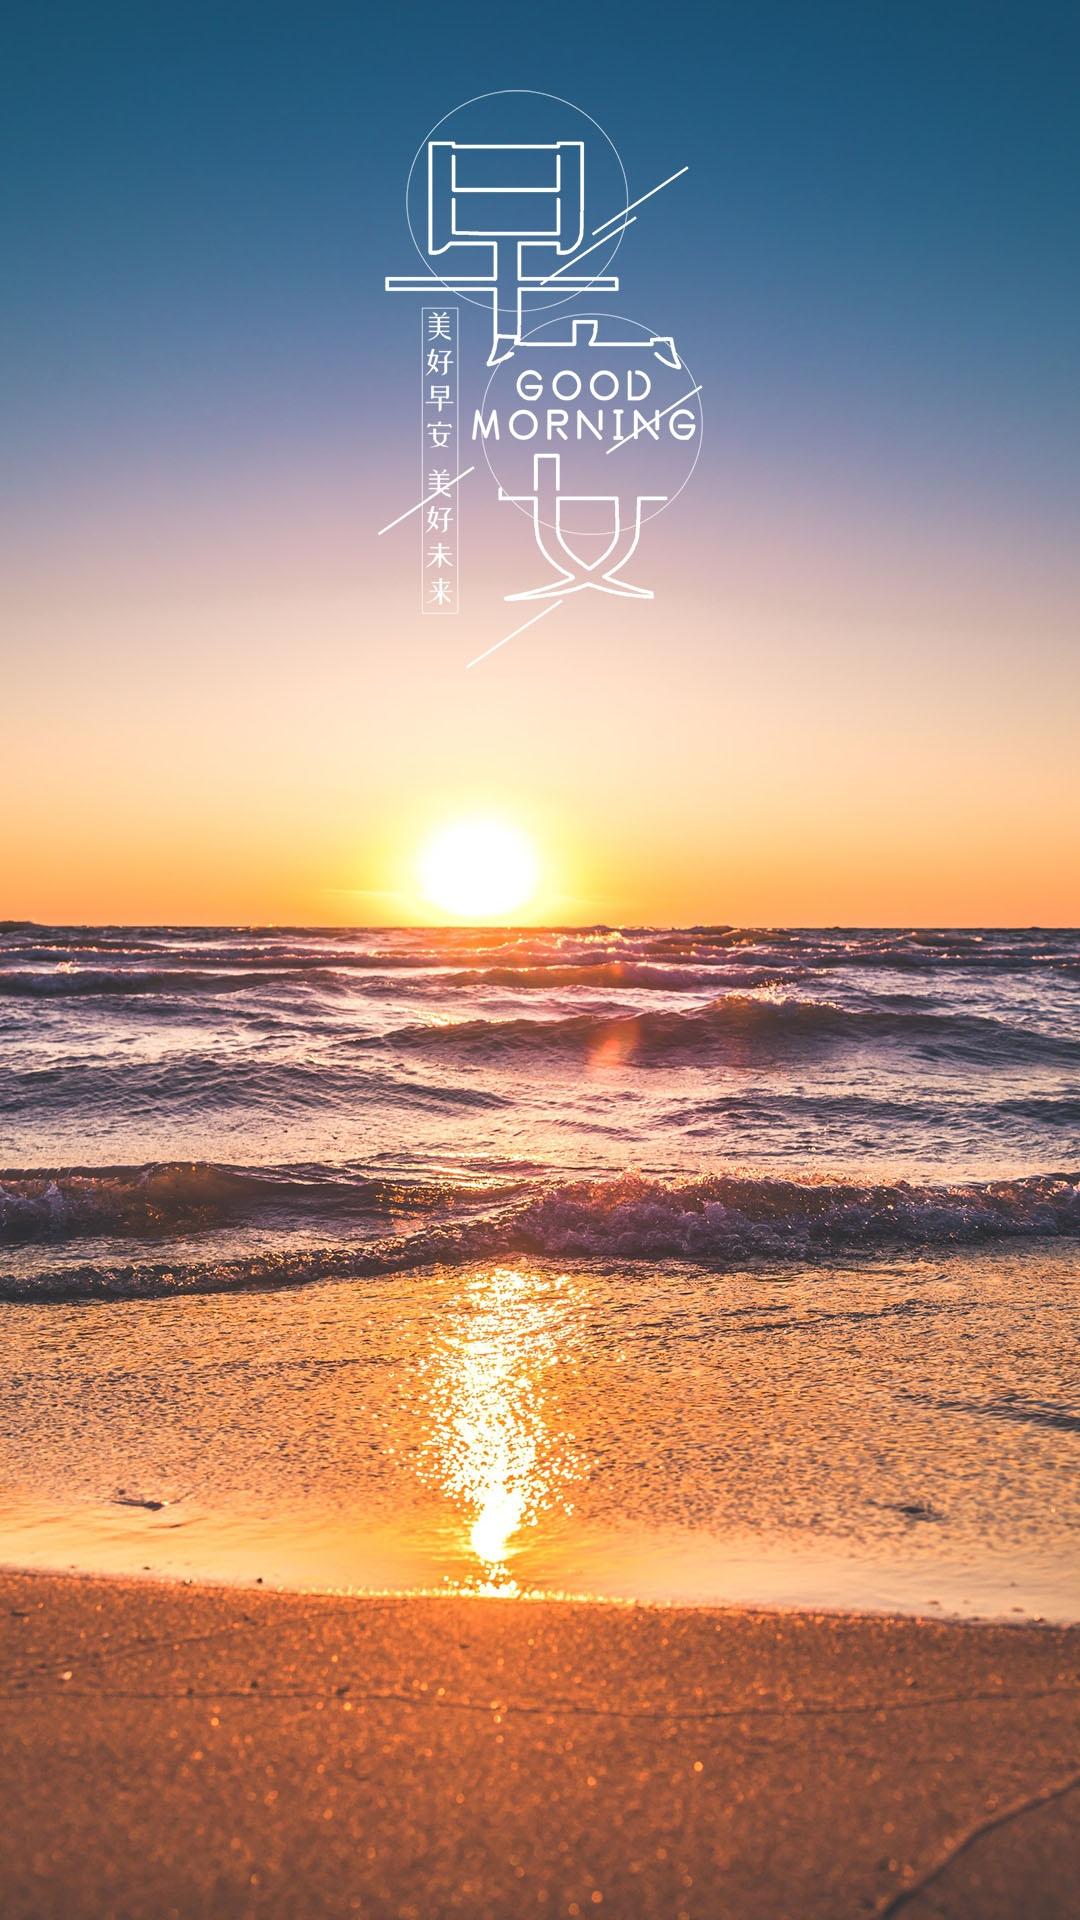 唯美早安海边手机锁屏图片